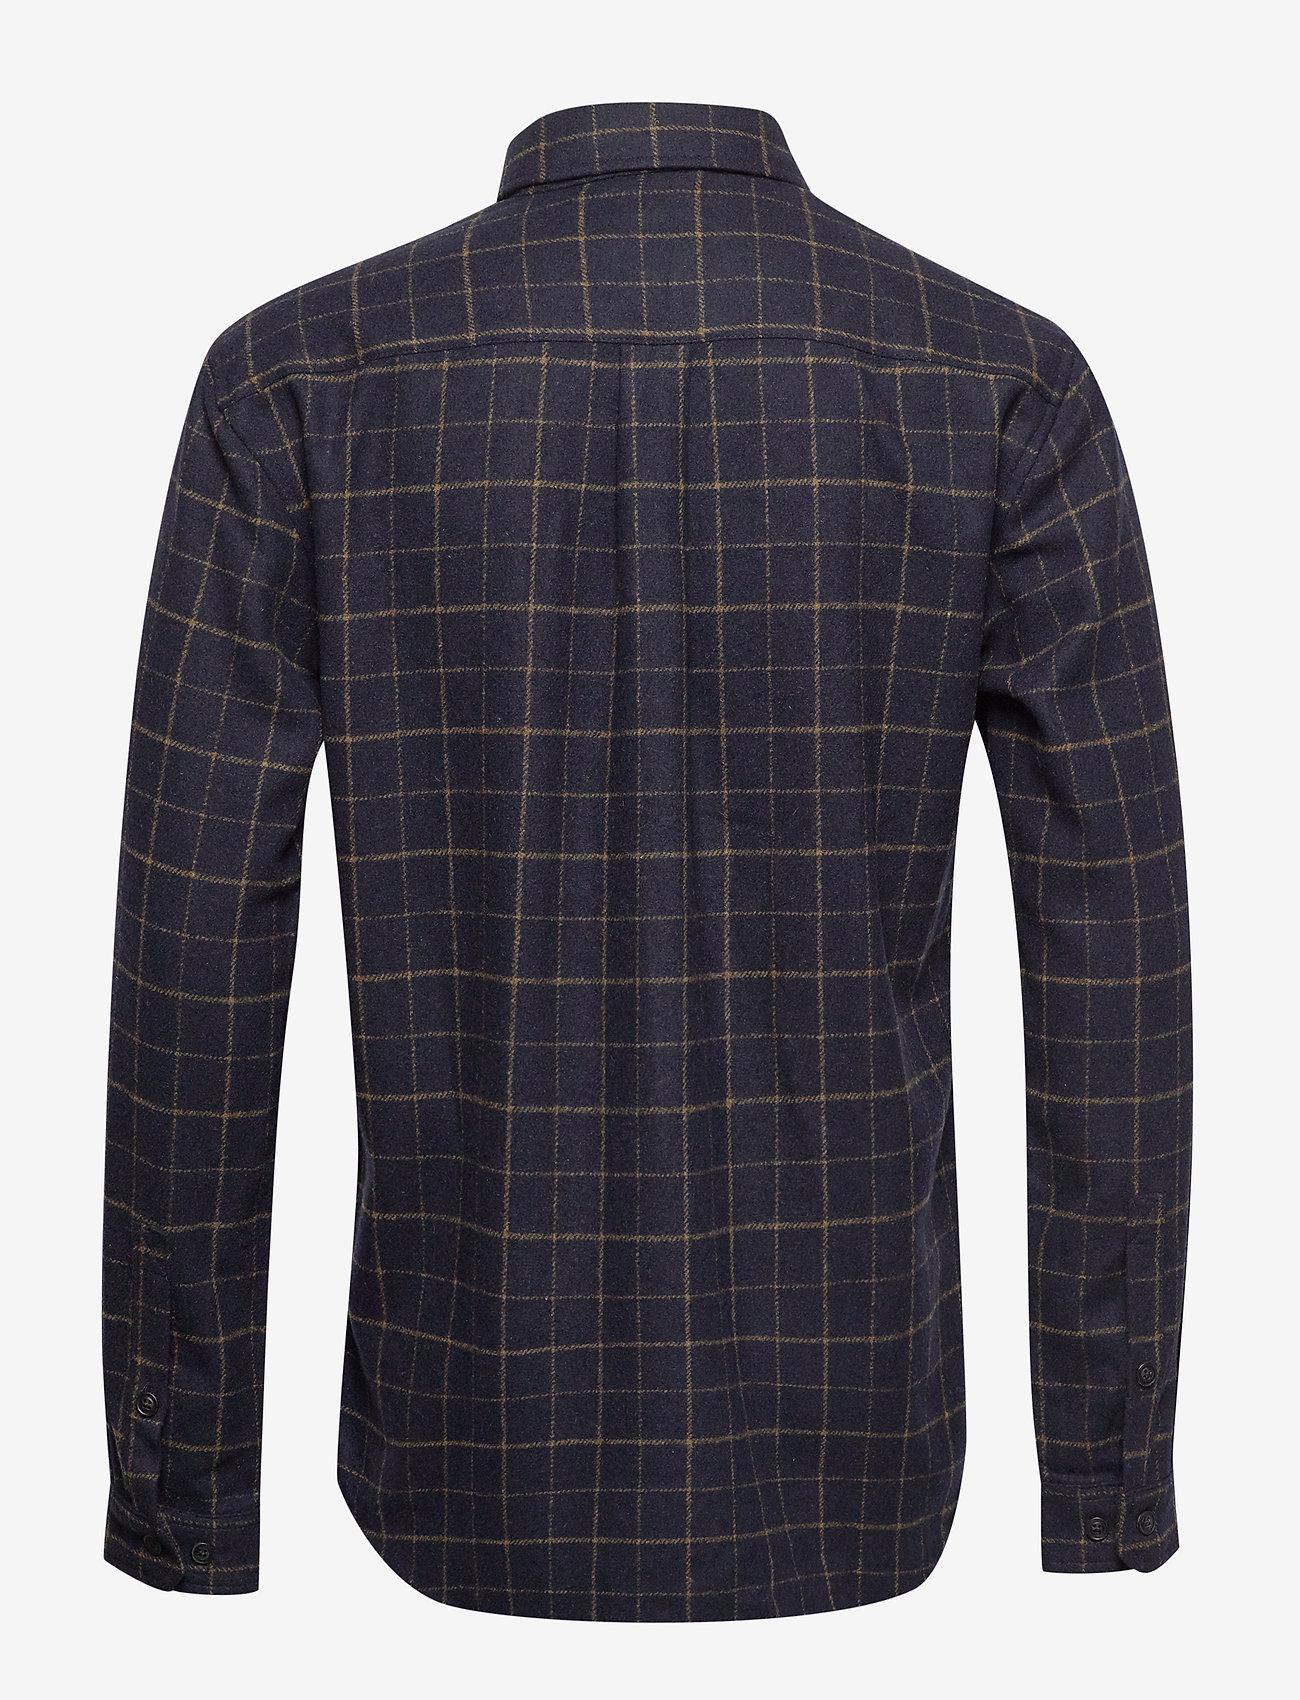 Dines Shirt Jacket (Dark Navy) - Les Deux M9xErV